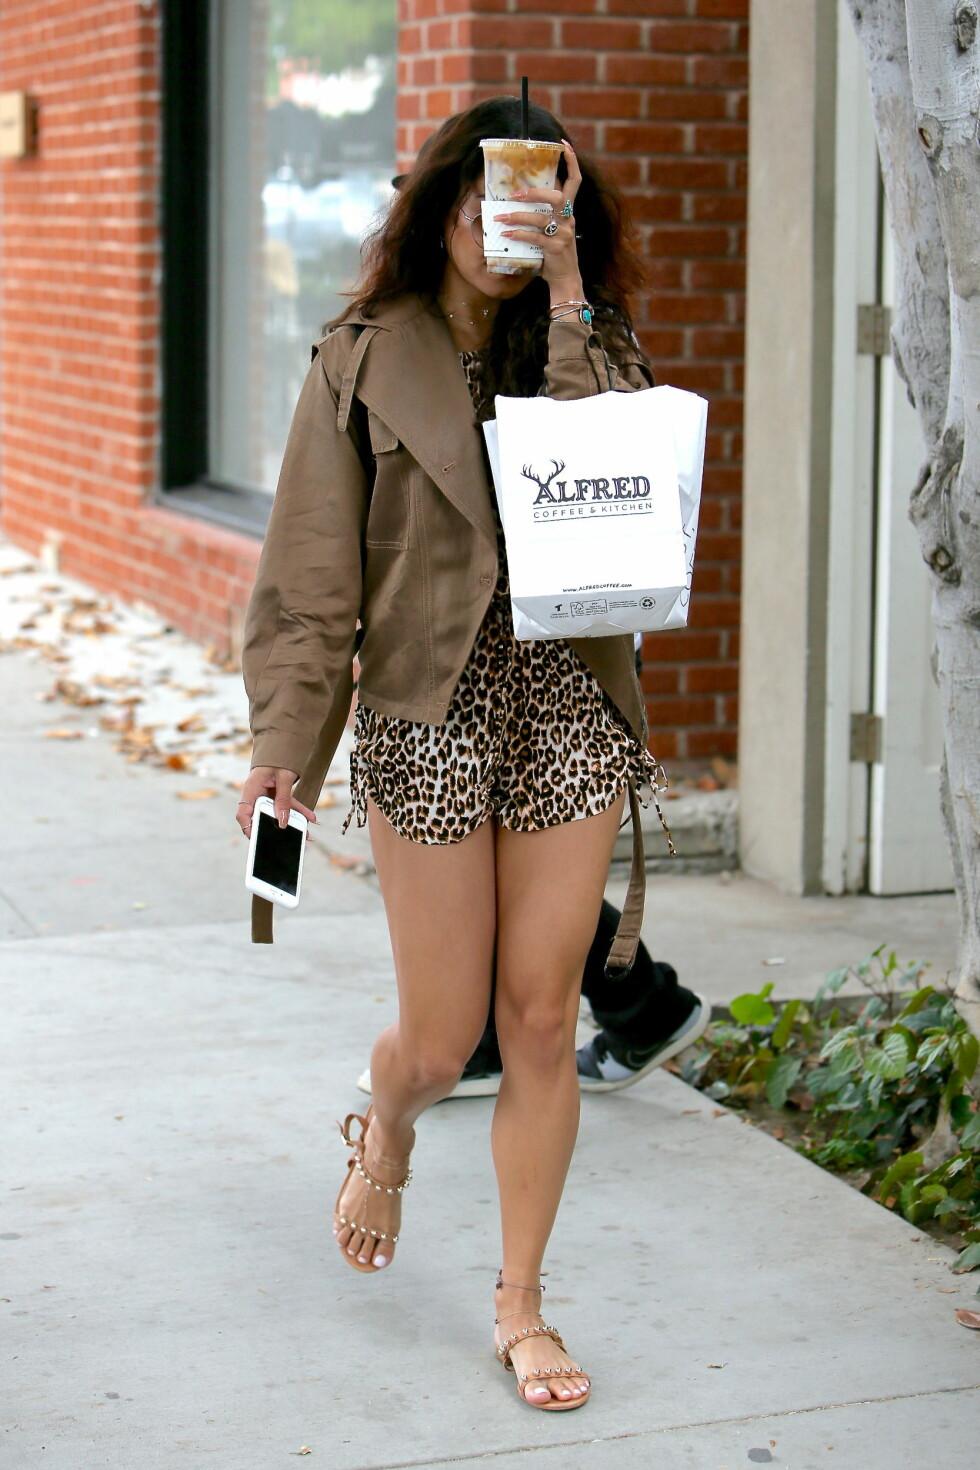 IKKE INTERESSERT: Vanessa Hugdens gjemmer nok en gang ansiktet sitt - denne dagen har hun byttet ut lommeboken med kaffen sin! Foto: wenn.com